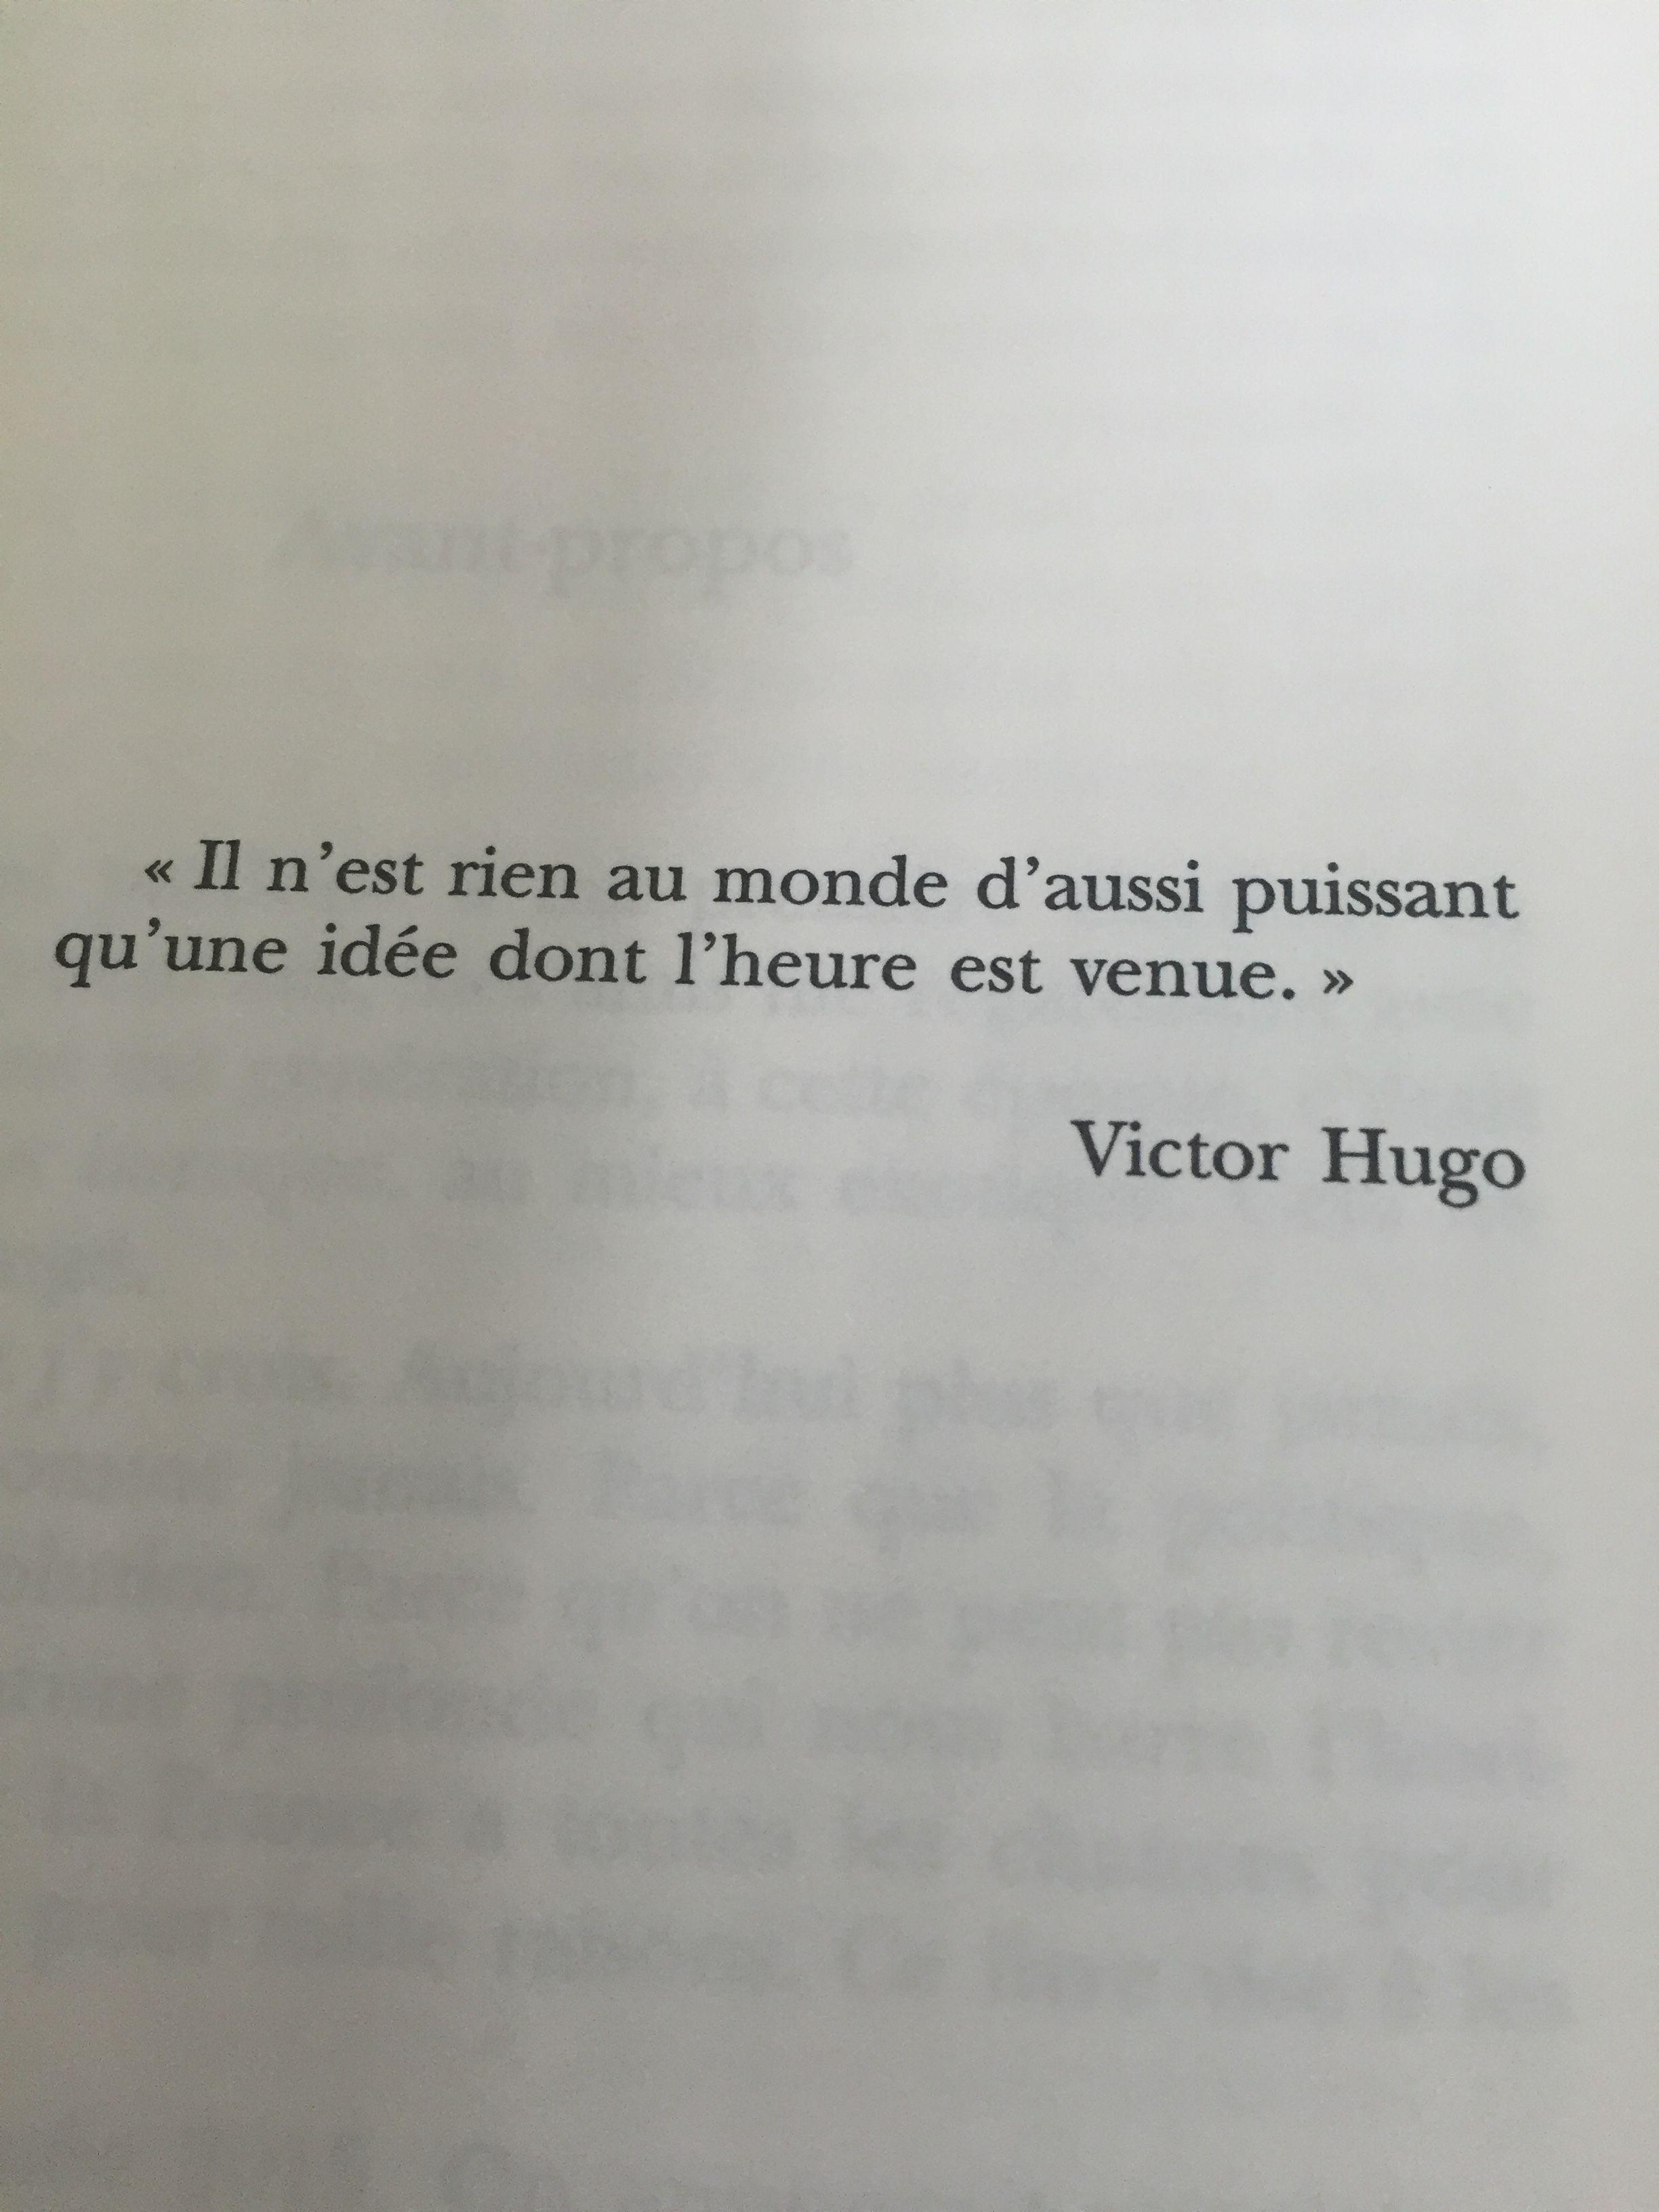 Victor Hugo Poeme Et Citation Citation Proverbes Et Citations